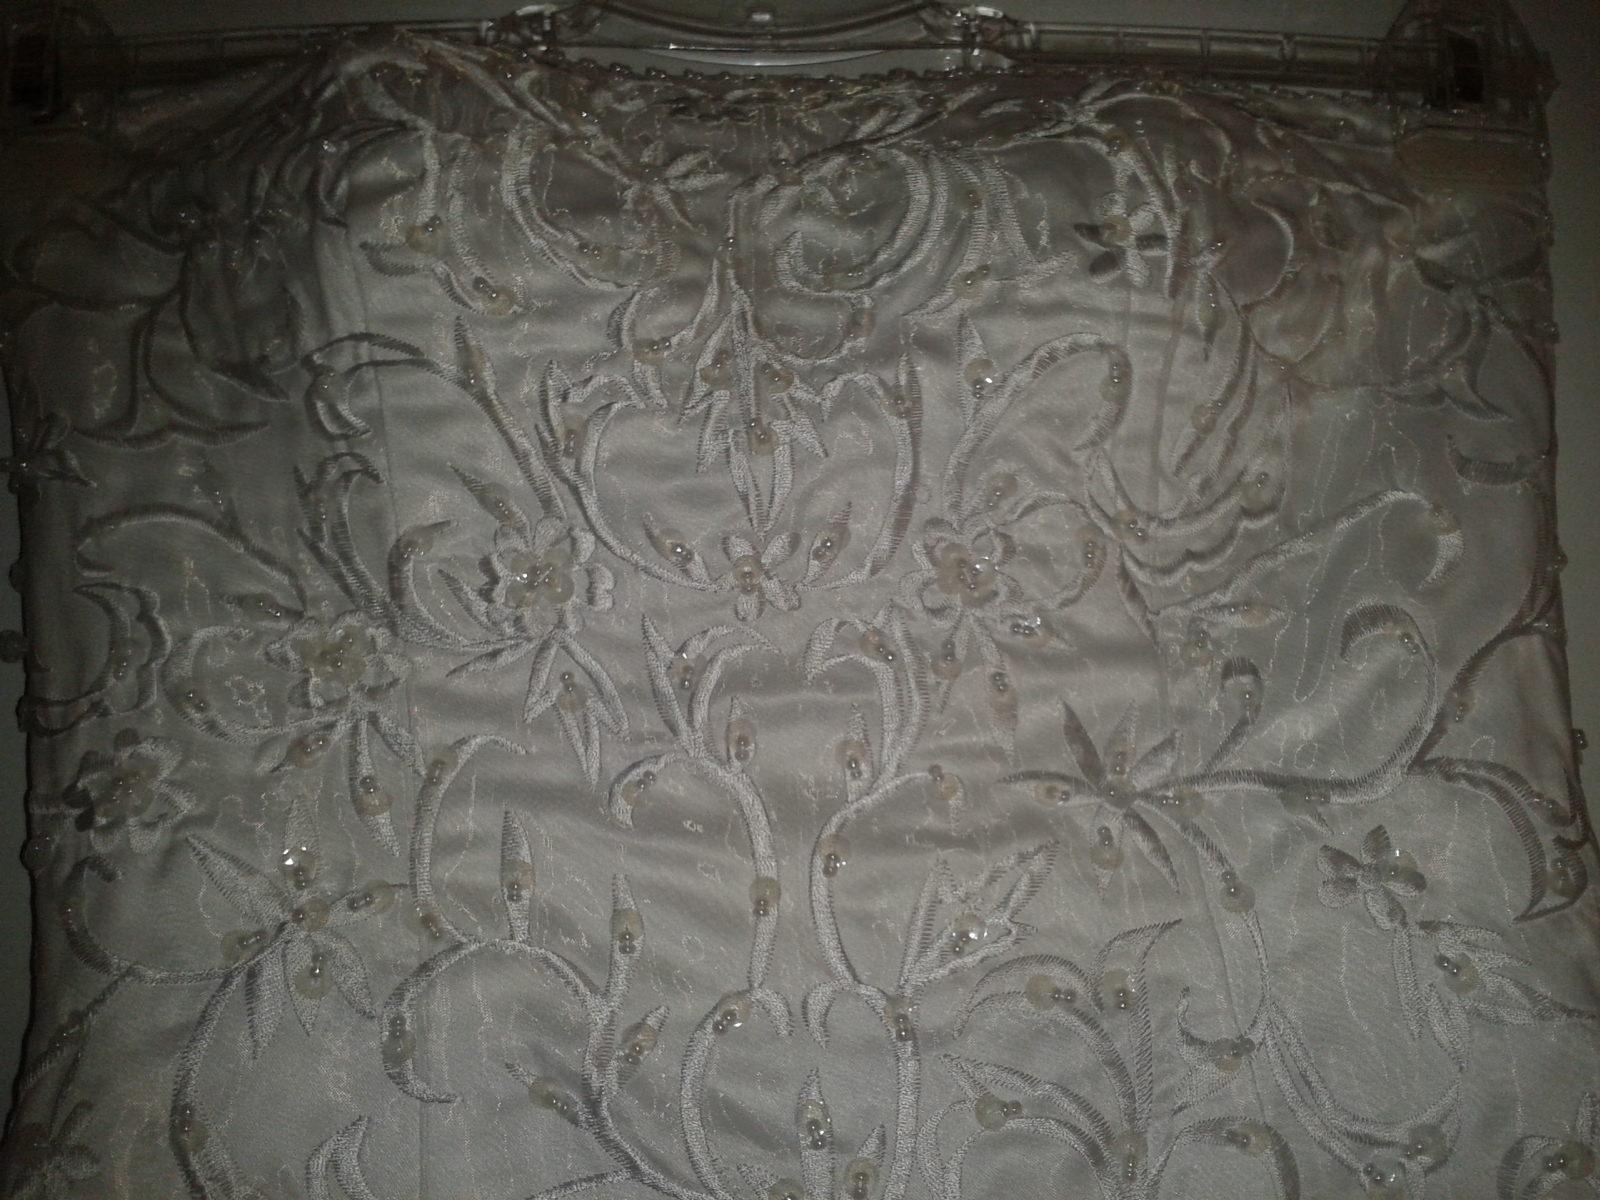 svatební šaty s fialovou mašlí - Obrázek č. 2